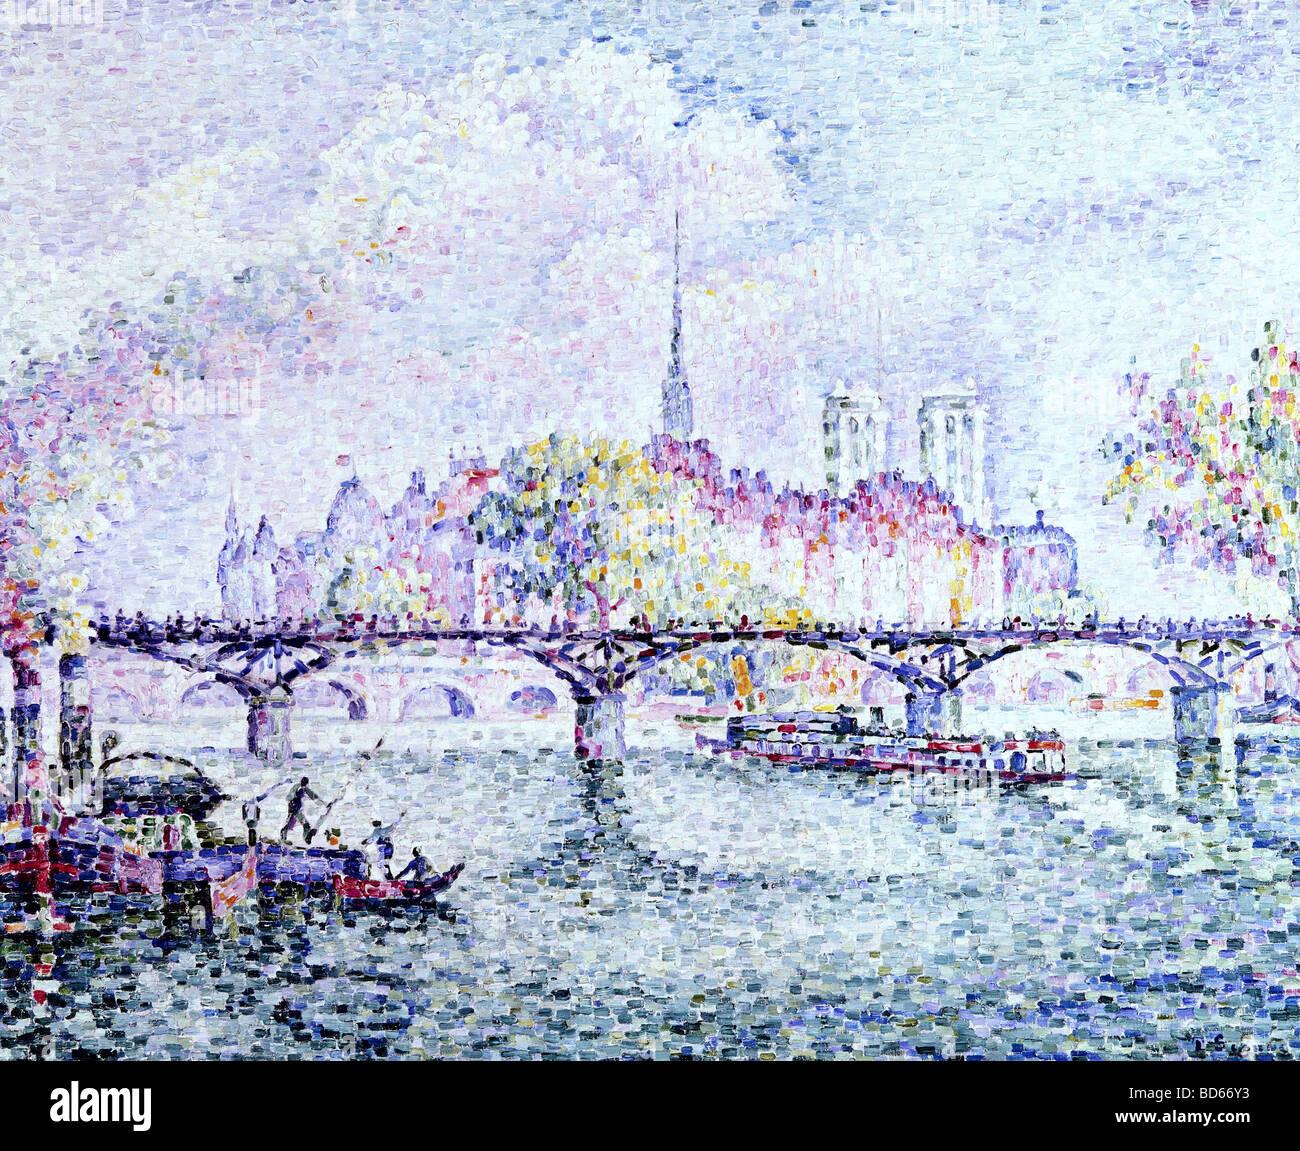 """fine arts, Signac, Paul, (1863 - 1935), painting, """"Paris, Ile de la Cite"""", 1912, oil on canvas, Museum Folkwang, Stock Foto"""